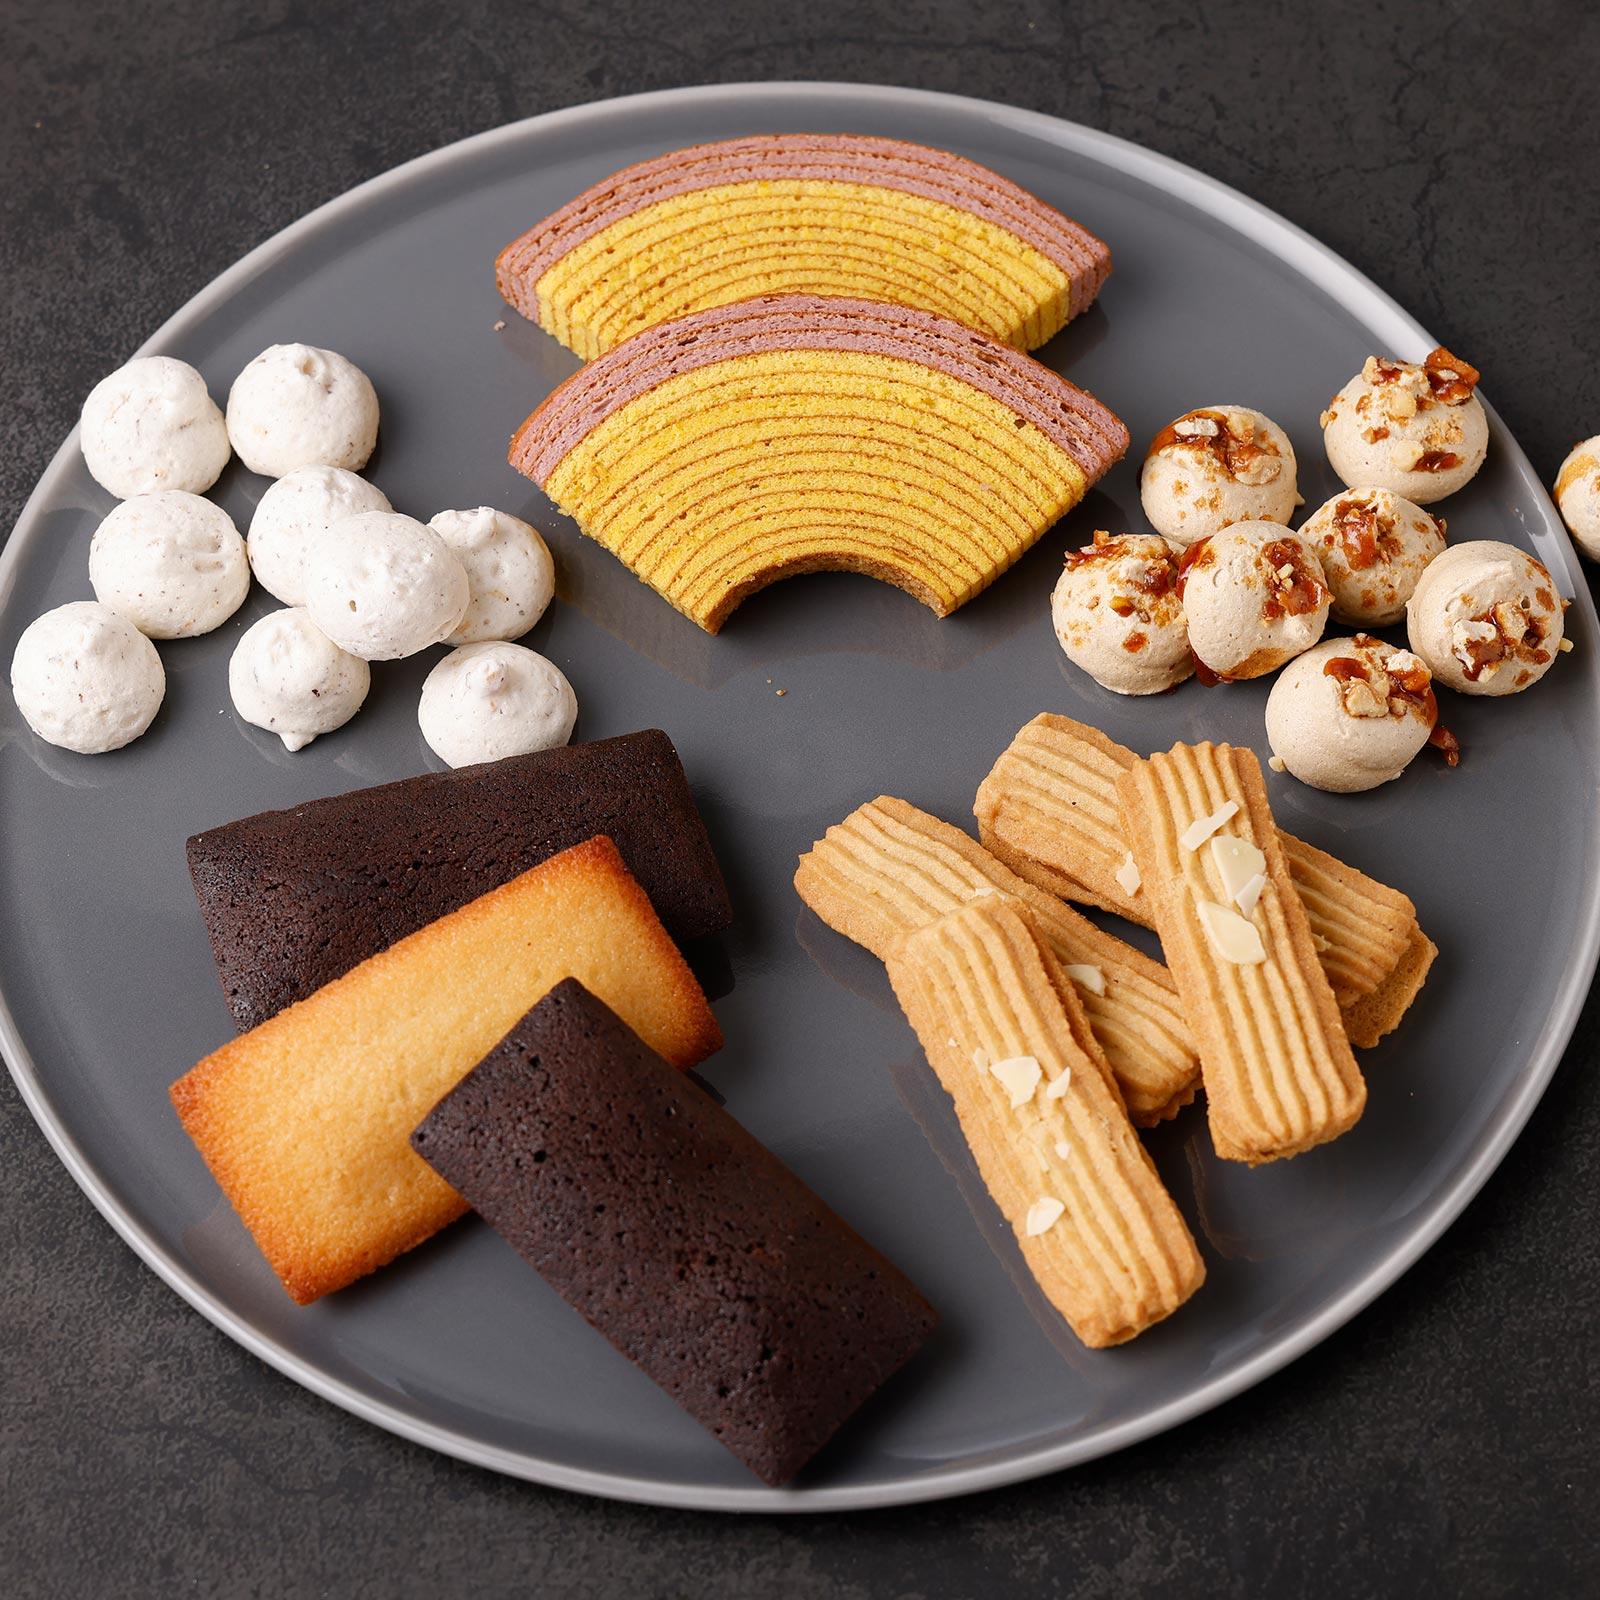 秋限定バウムクーヘンにメレンゲクッキーやプラリネサンドクッキー、焦がしバターが香るフィナンシェを詰め合わせ